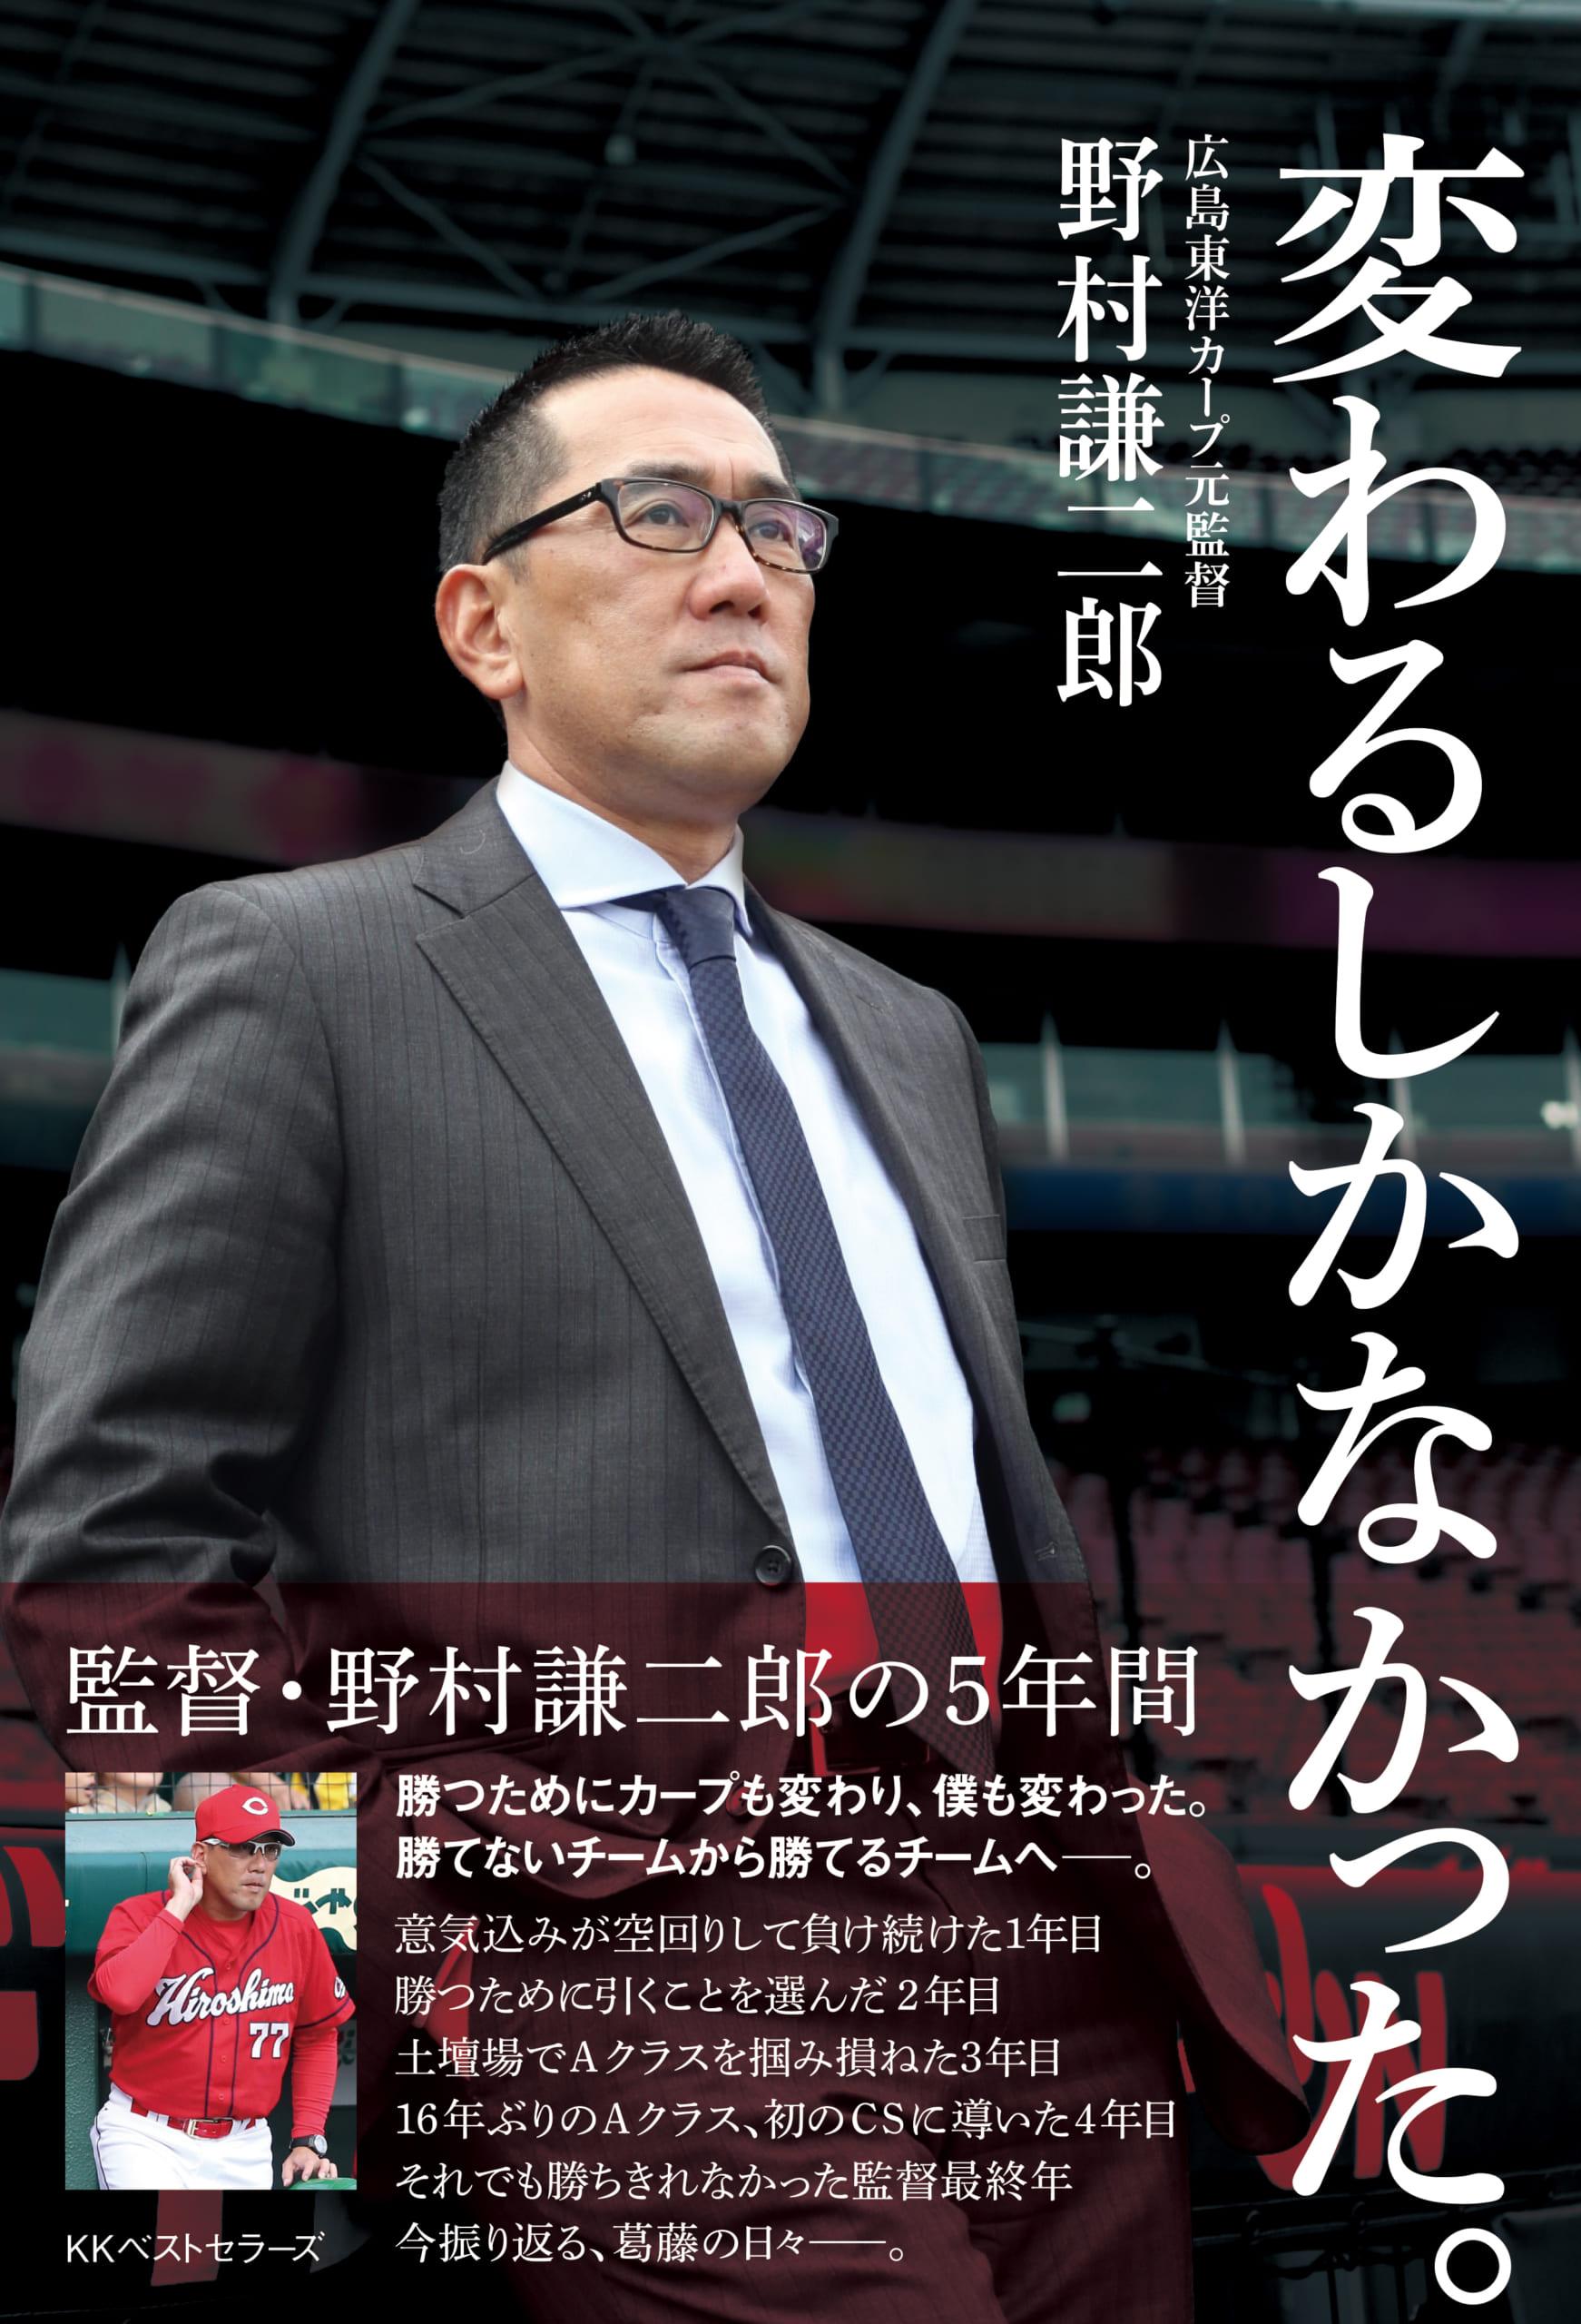 """25年ぶりの優勝へ走り続ける<br />""""強いカープ""""の礎を築いた男・野村謙二郎。<br />「勝つためにカープも変わり、僕も変わった――」<br />"""